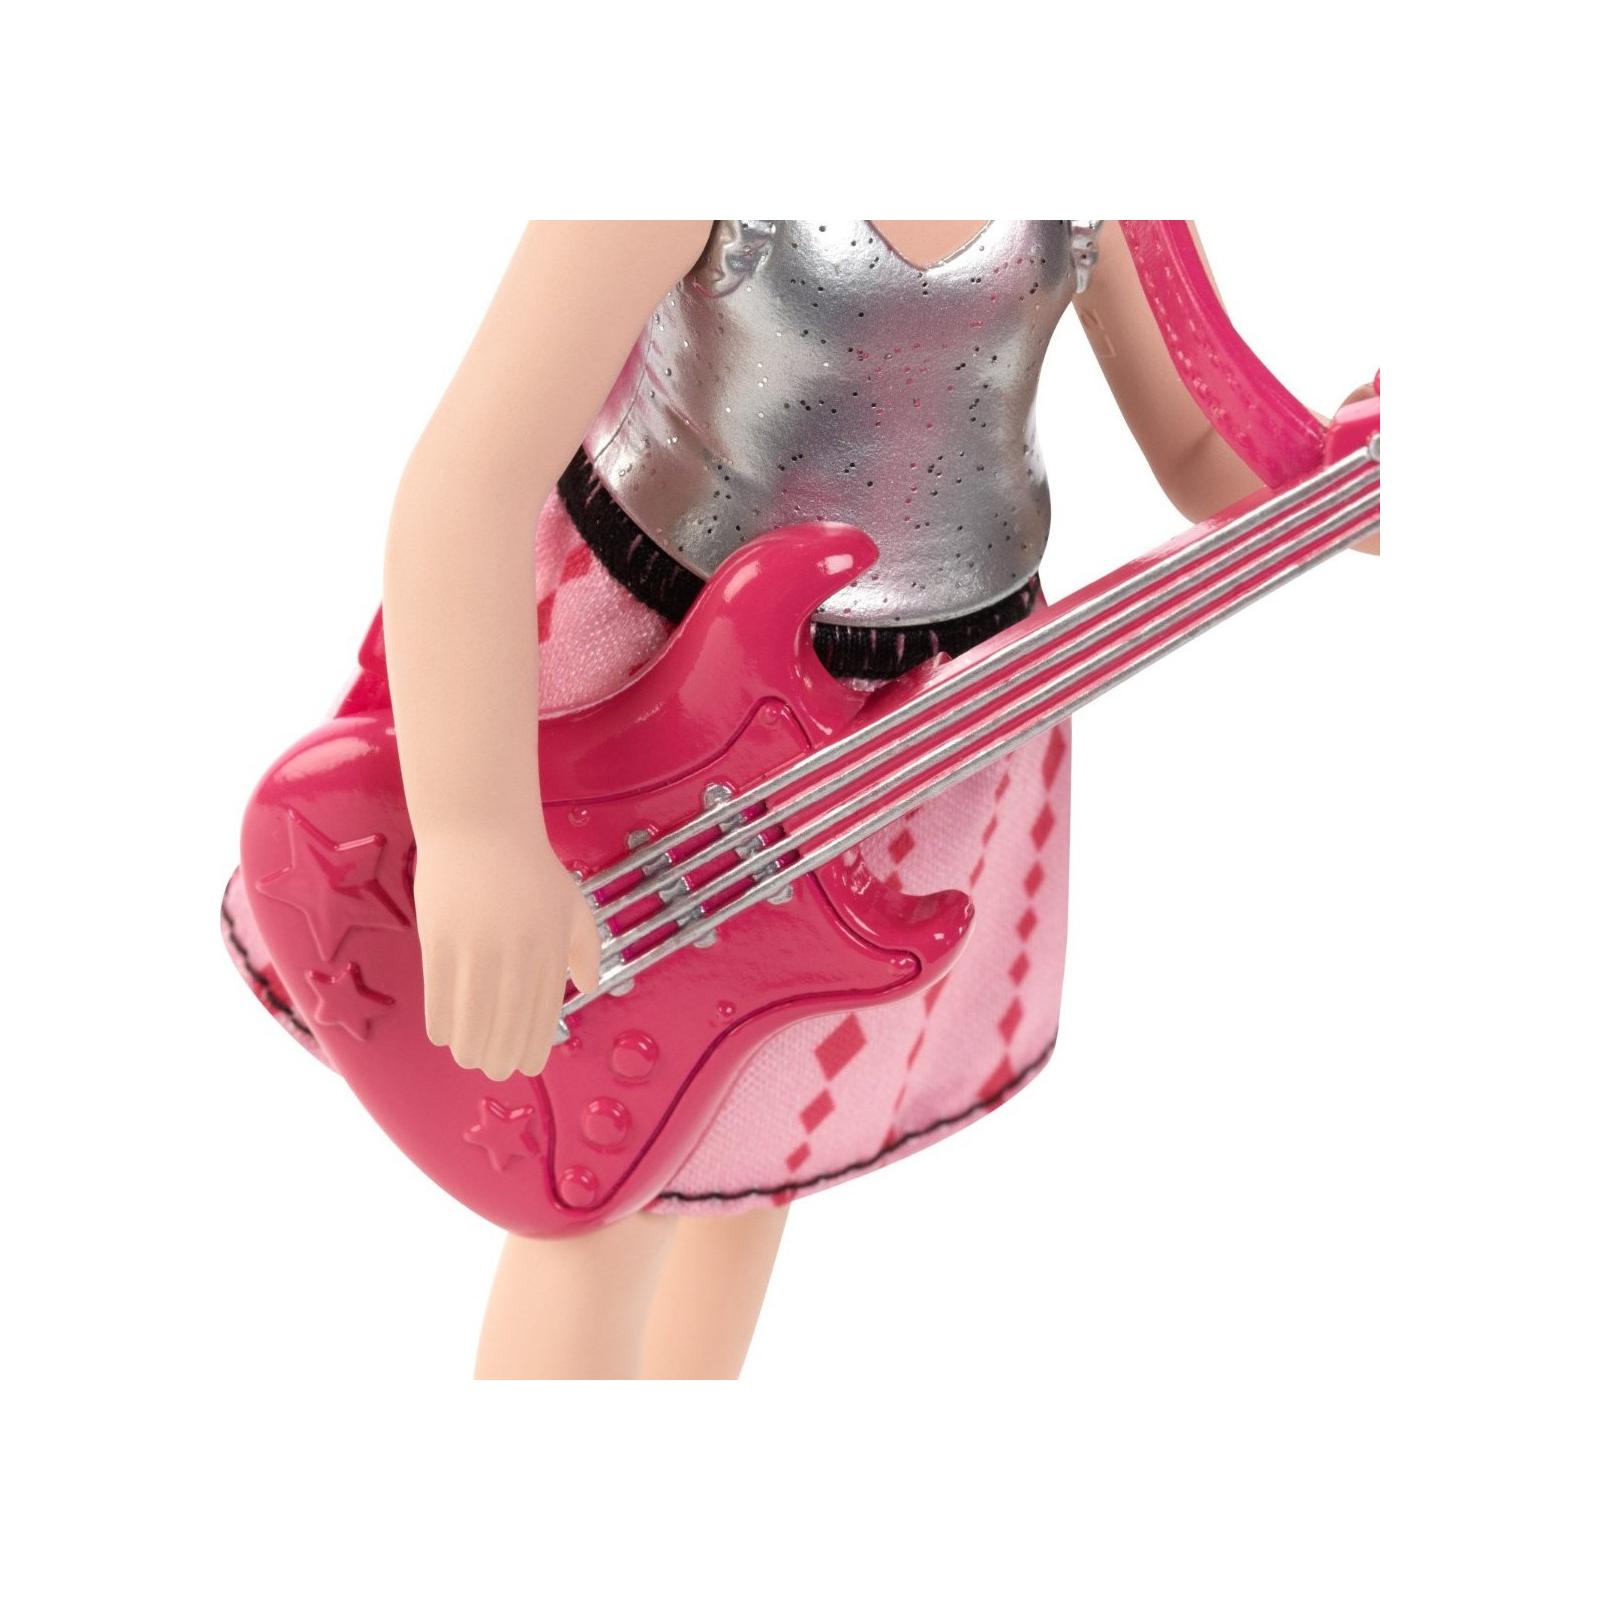 Кукла BARBIE Челси из м/ф Барби: Рок-принцесса с гитарой (CKB68-3) изображение 3